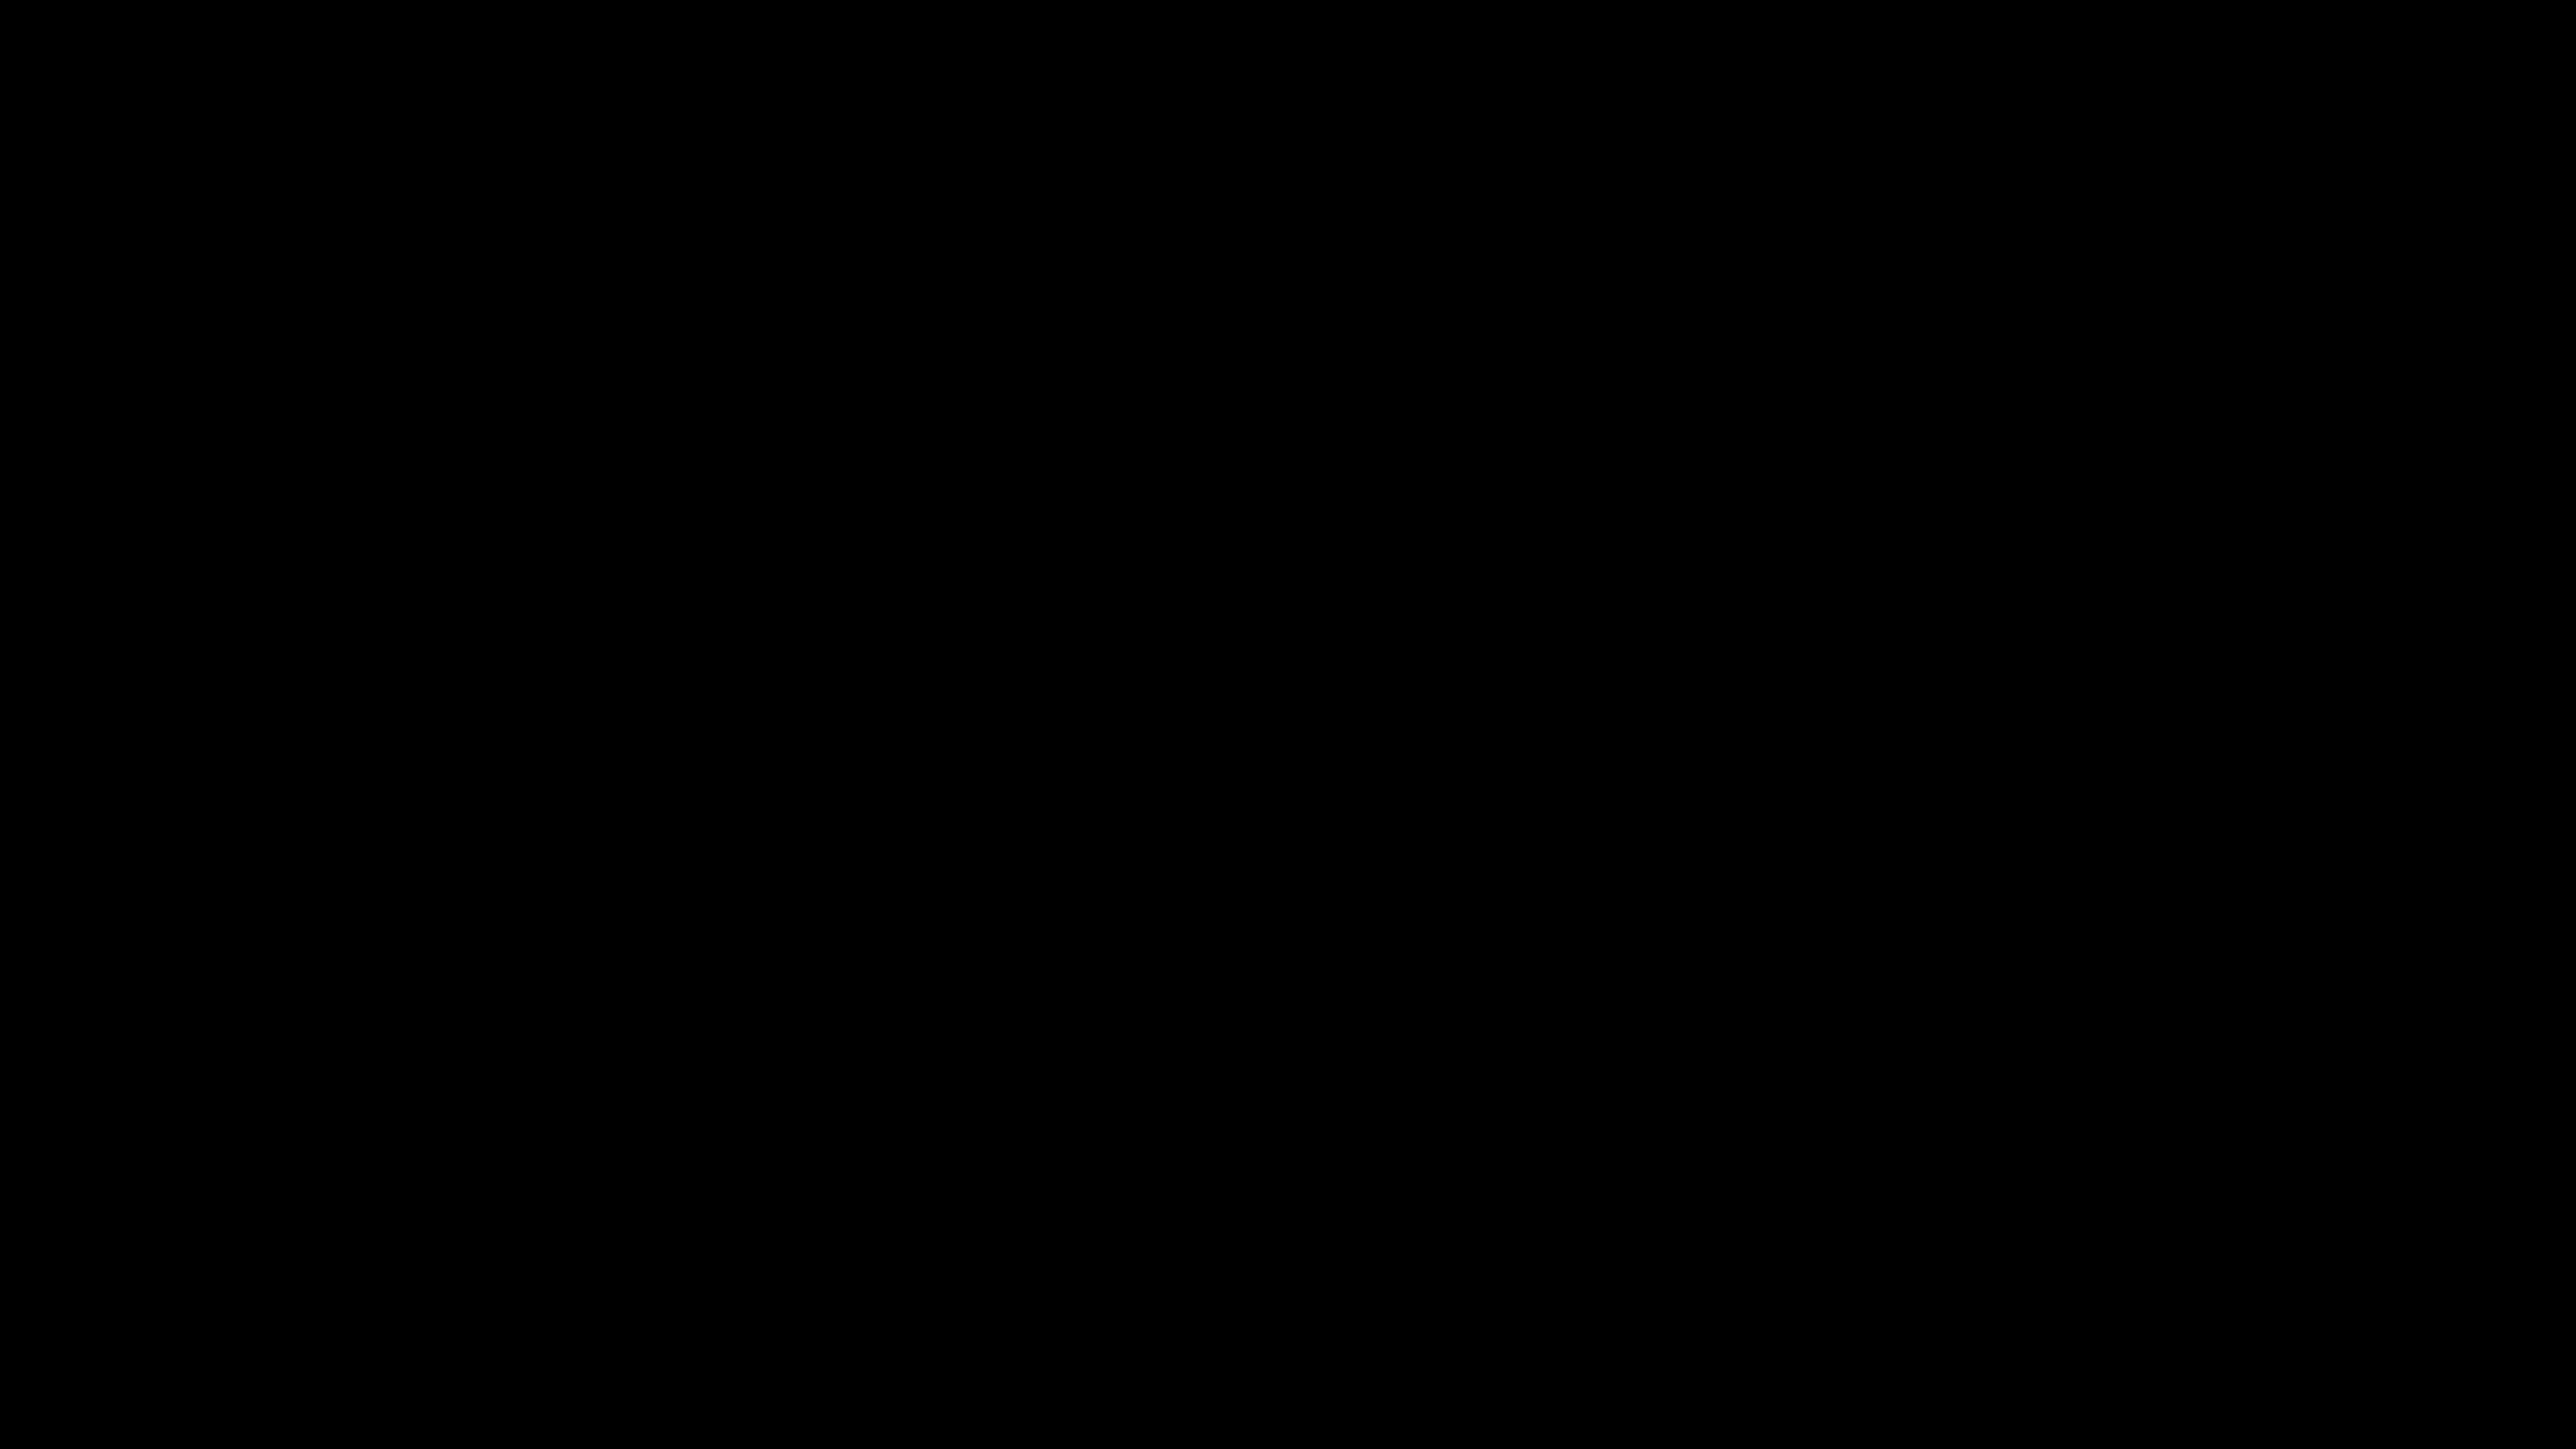 相次ぐ逃走劇 天王寺動物園